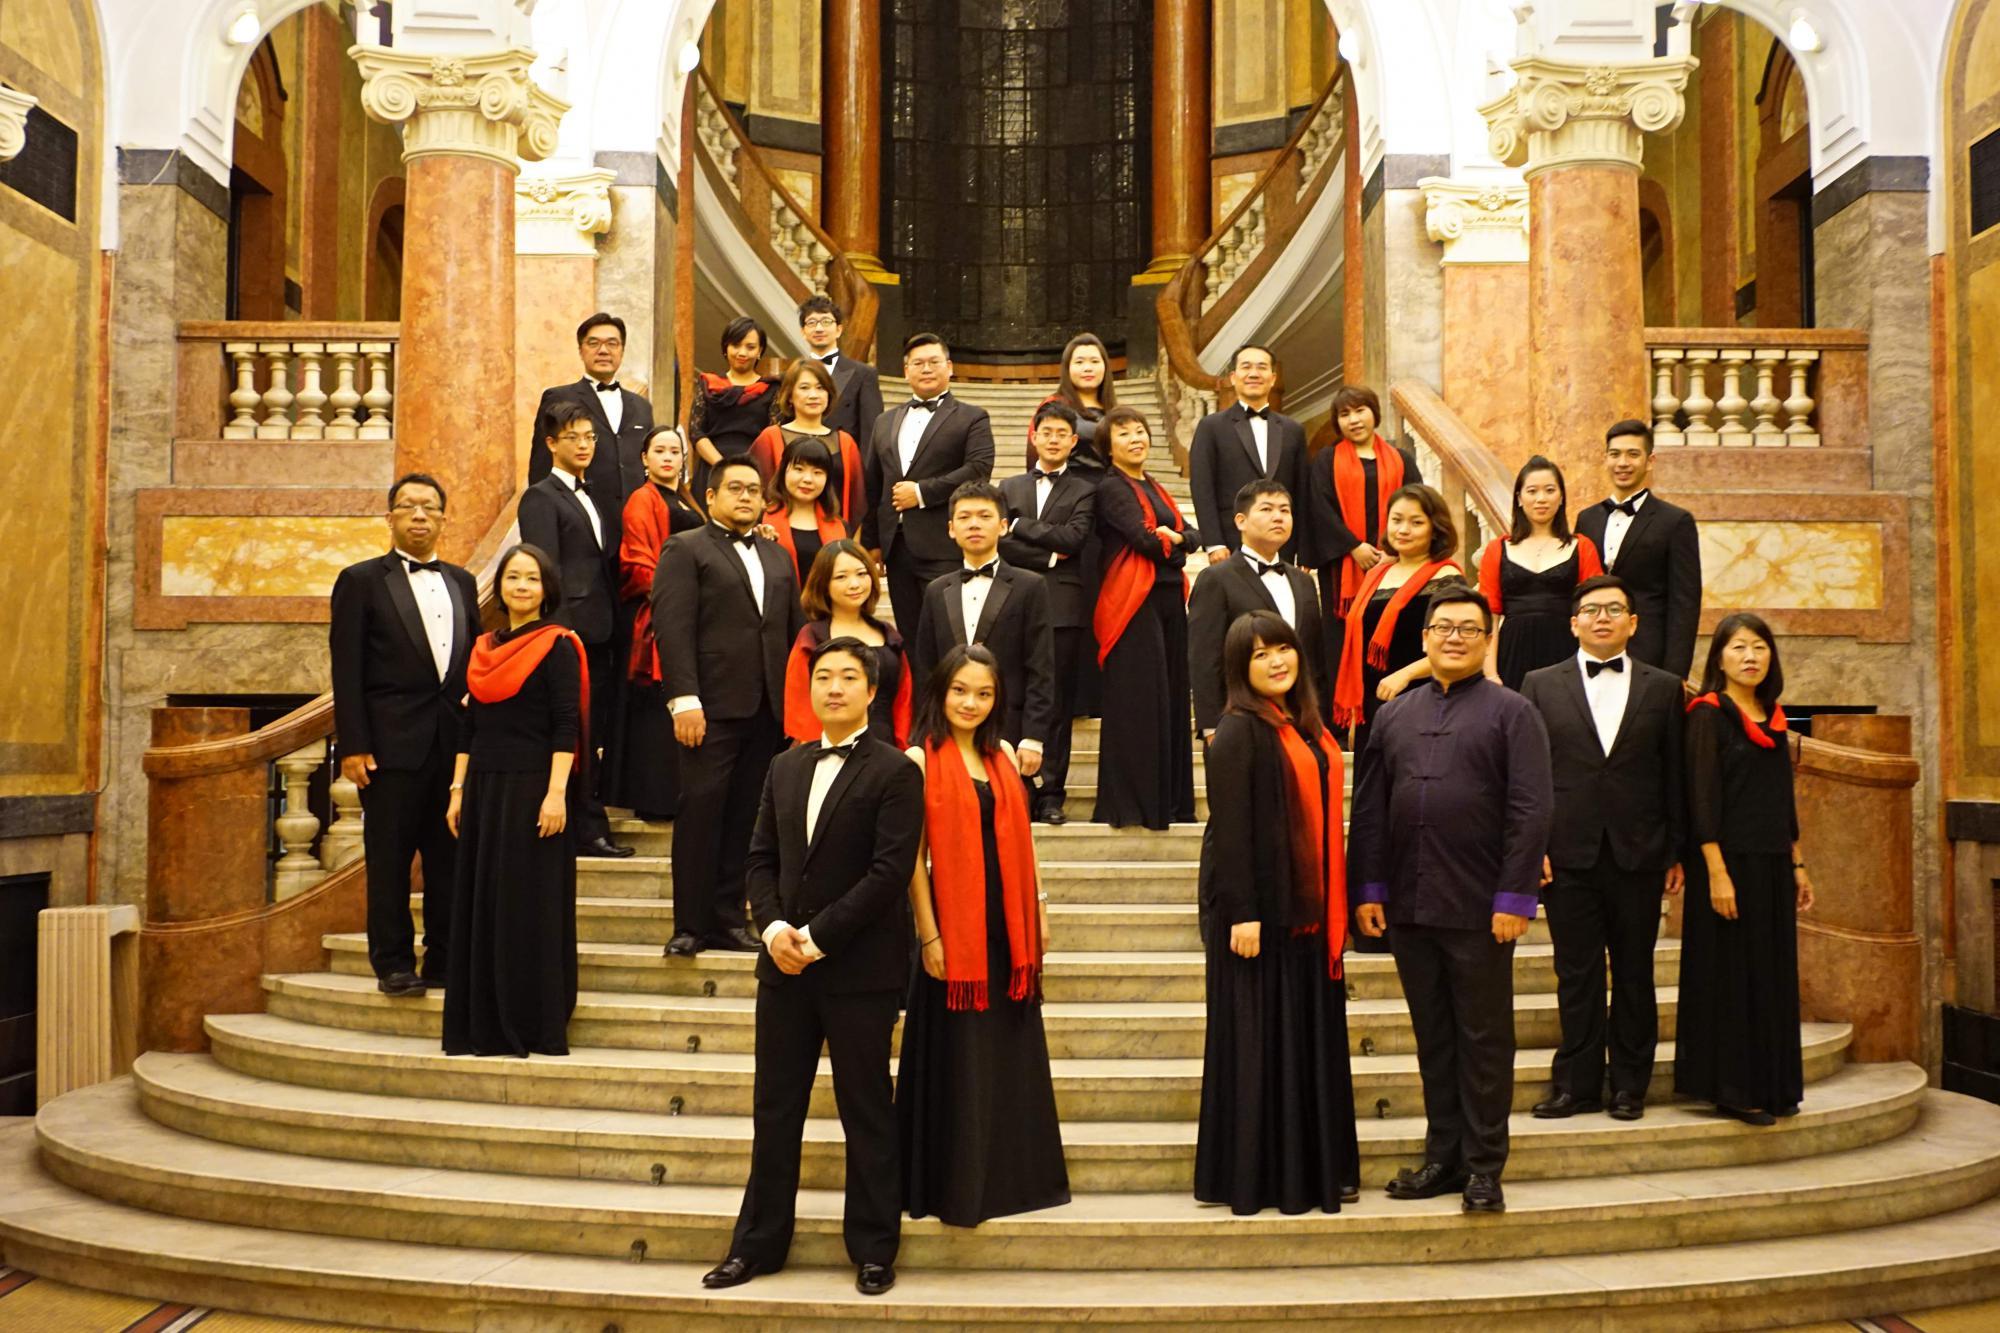 2團代表台灣 受邀匈牙利國際合唱節線上演出